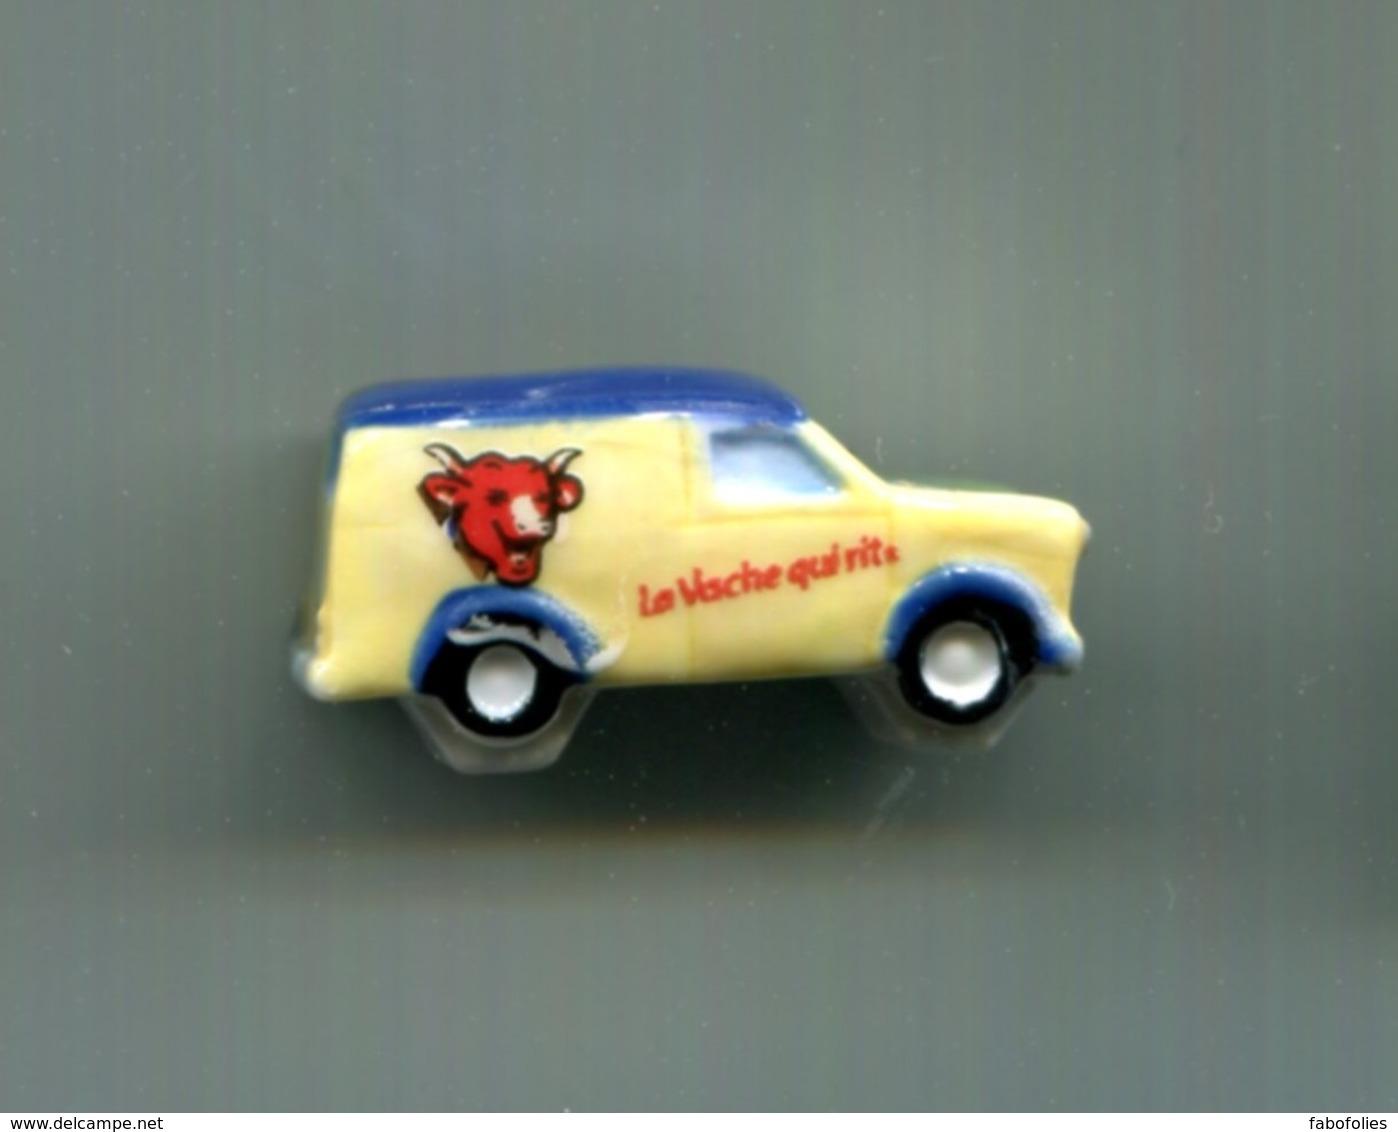 Feve A L Unite Vehicules Vache Qui Rit N7 / 1.0p18b5 - Other